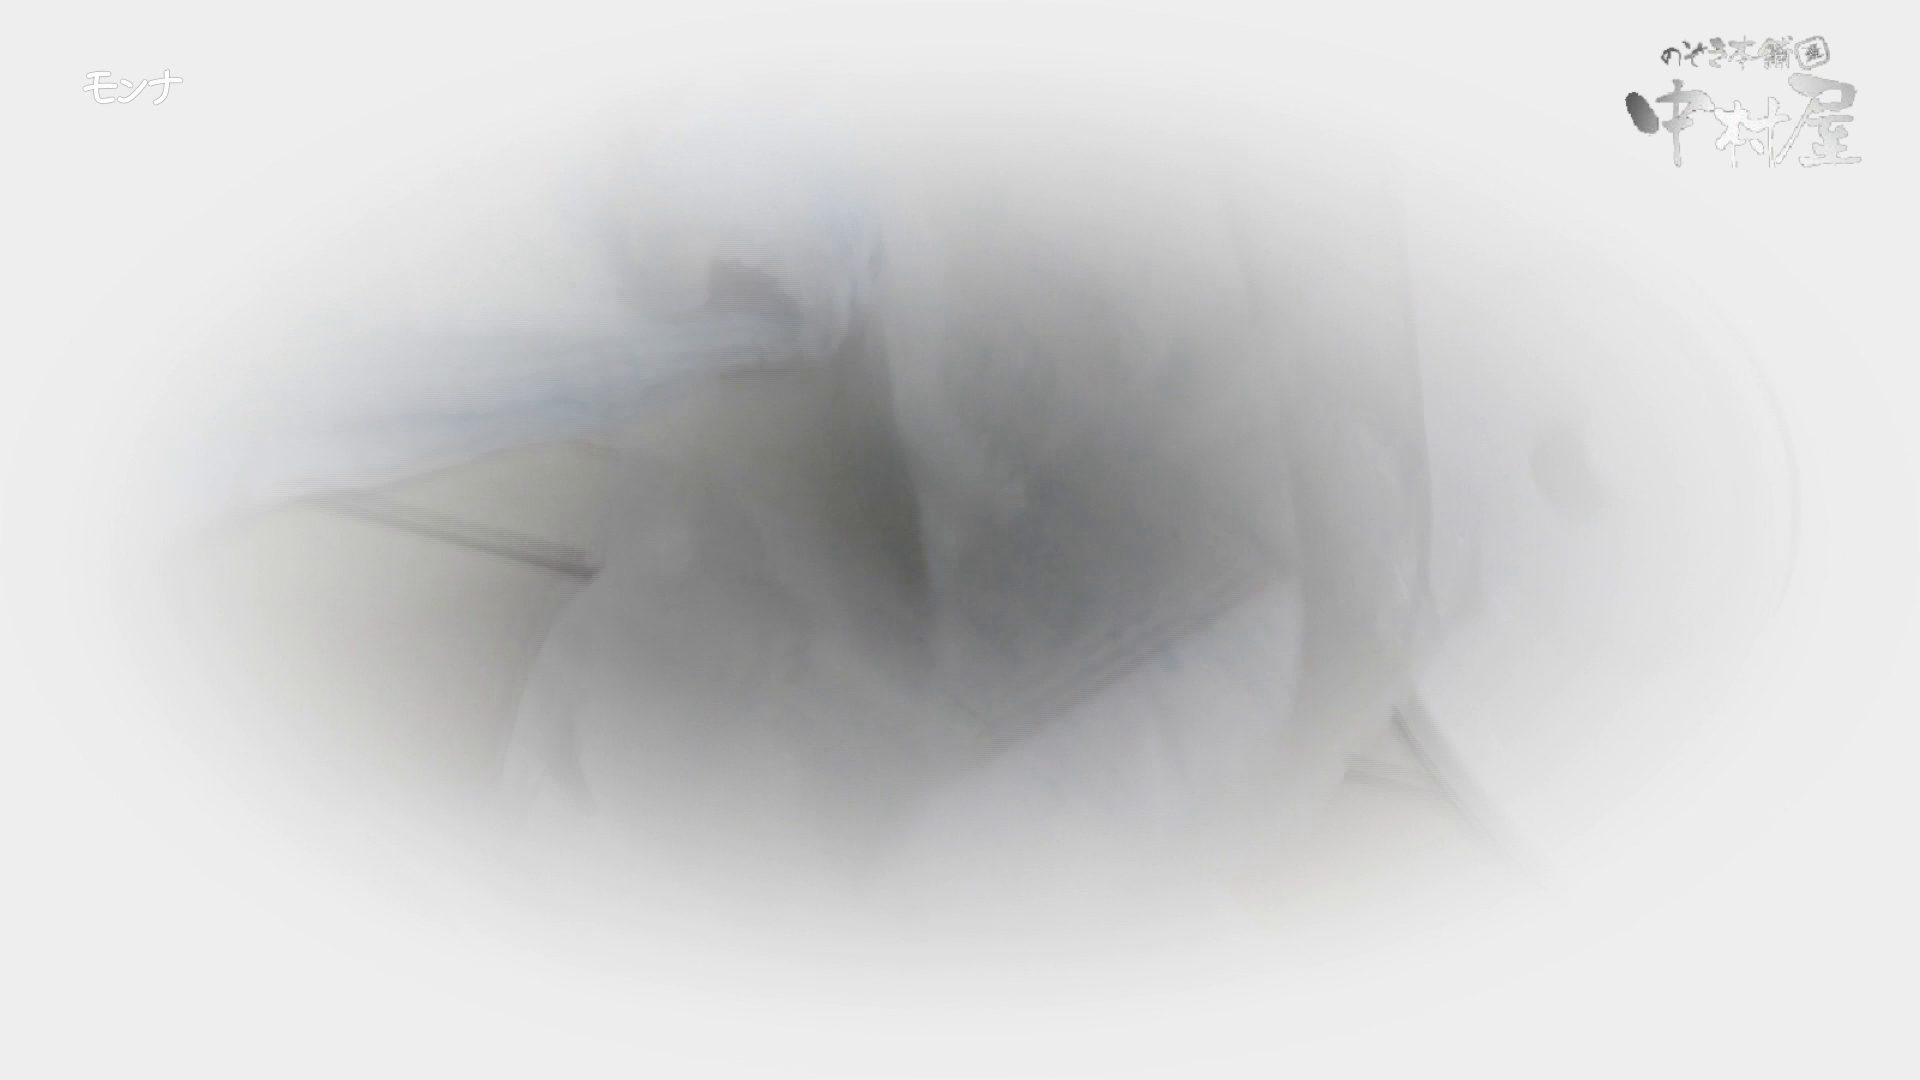 【美しい日本の未来】美しい日本の未来 No.45 おまんこ無修正 | 盗撮  71画像 13